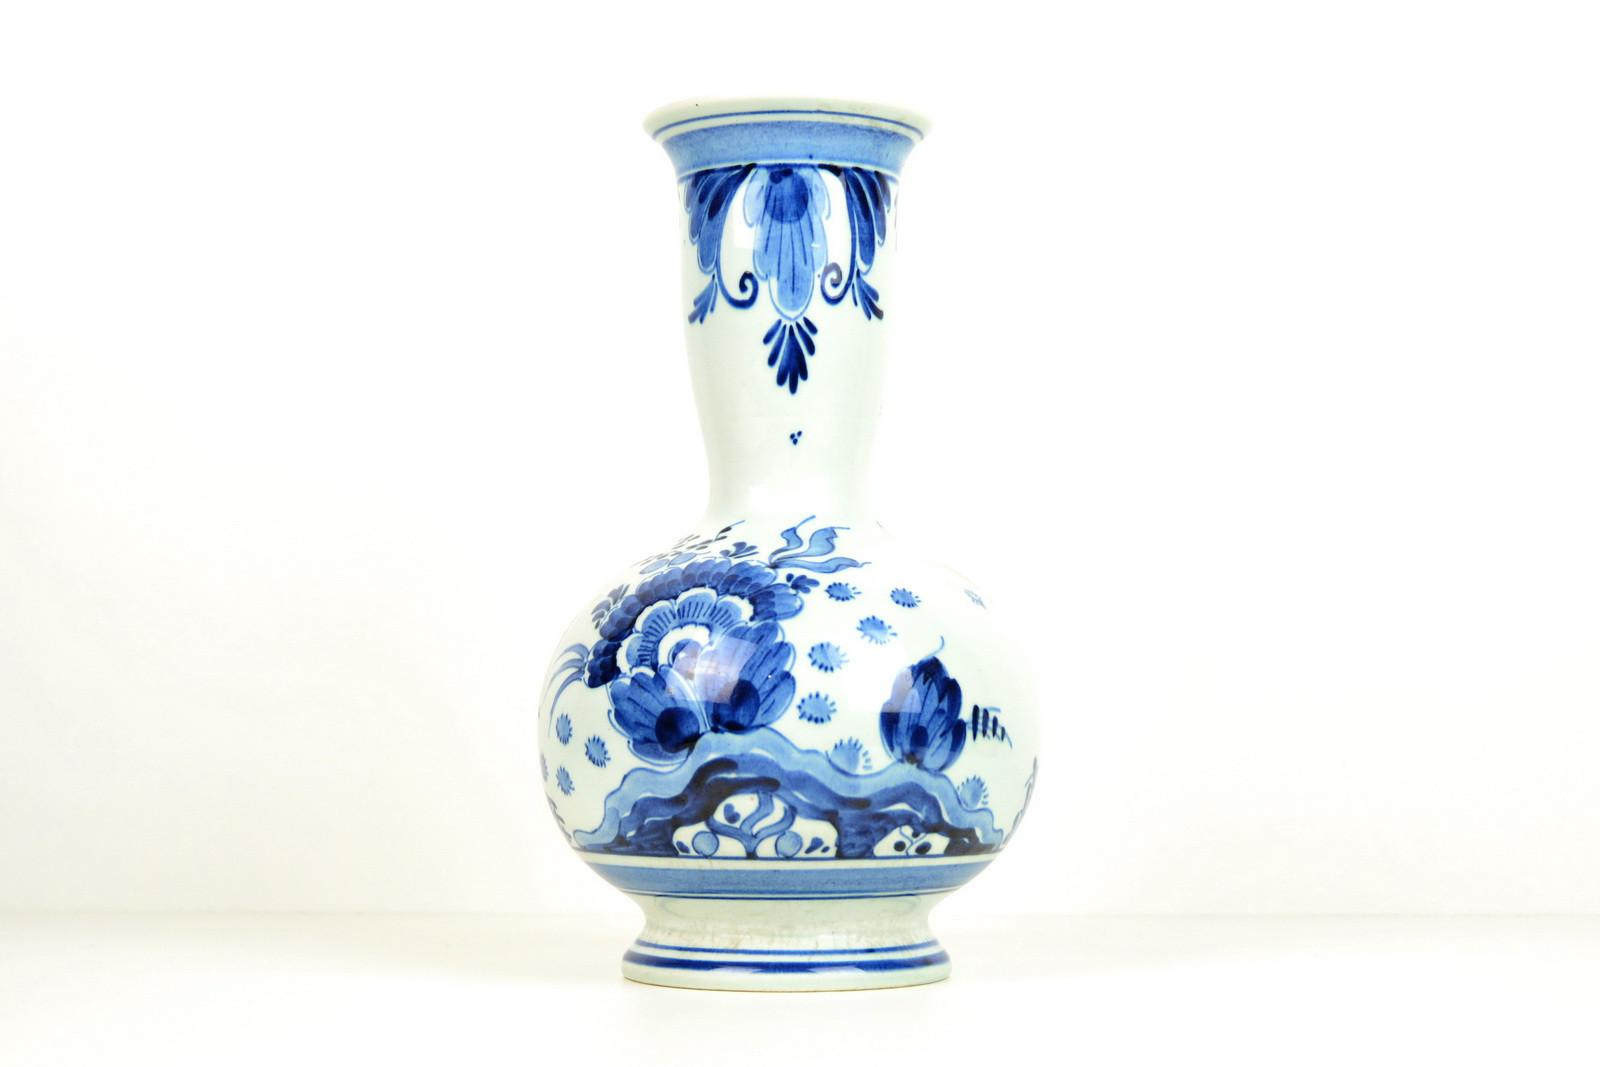 vaso-ceramica-dipinto-a-mano-decoro-blu-3,2049.jpg?WebbinsCacheCounter=1